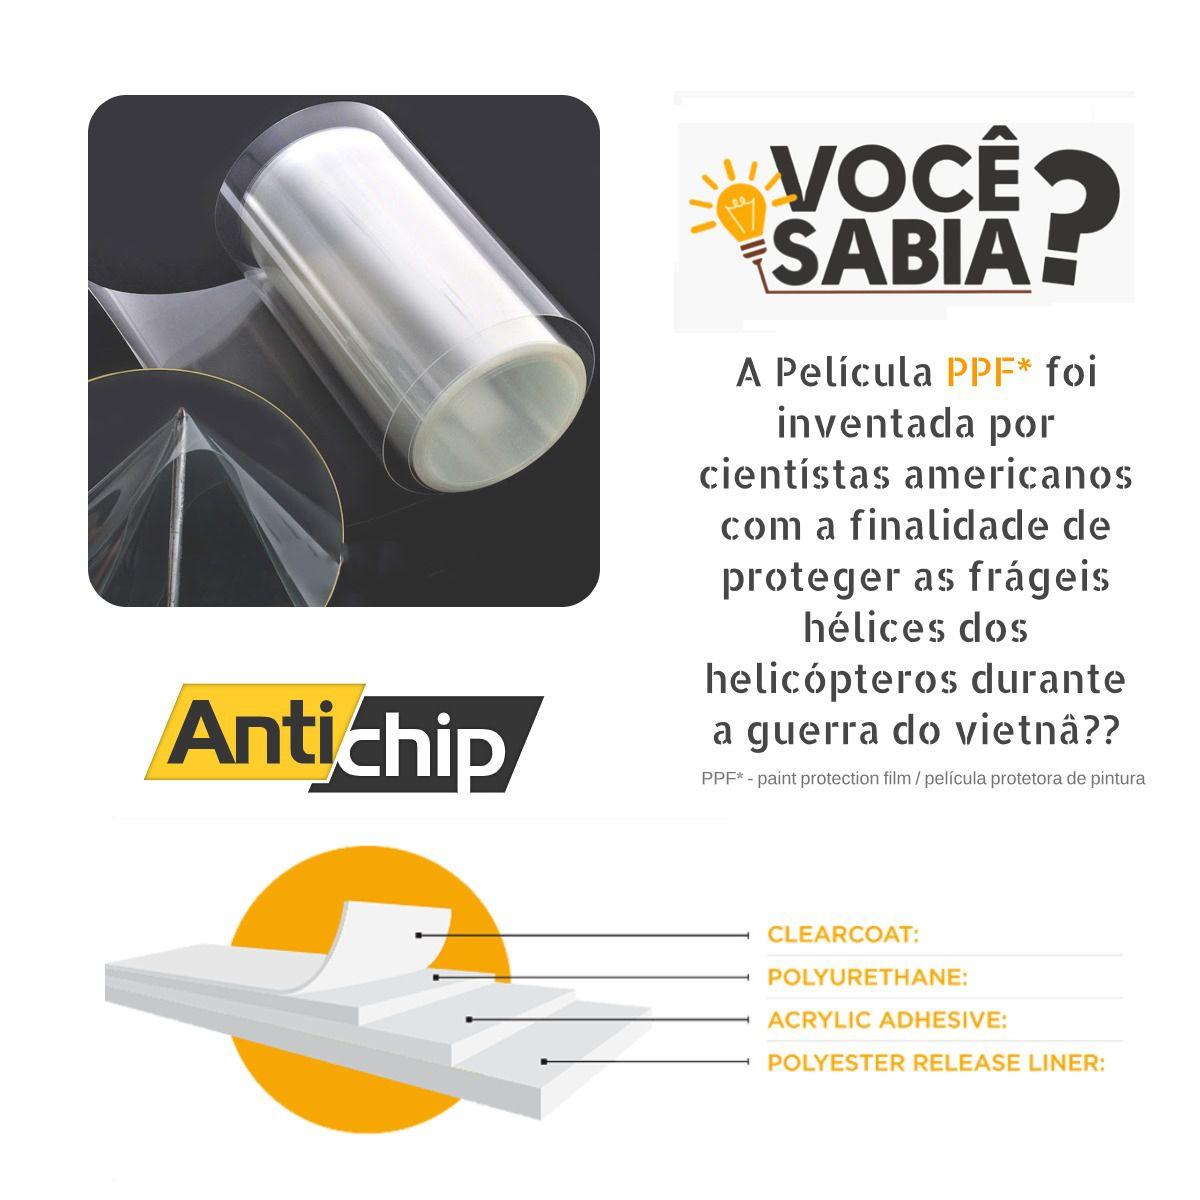 Pelicula Proteção Maçaneta Vw - T-Cross - Antichip